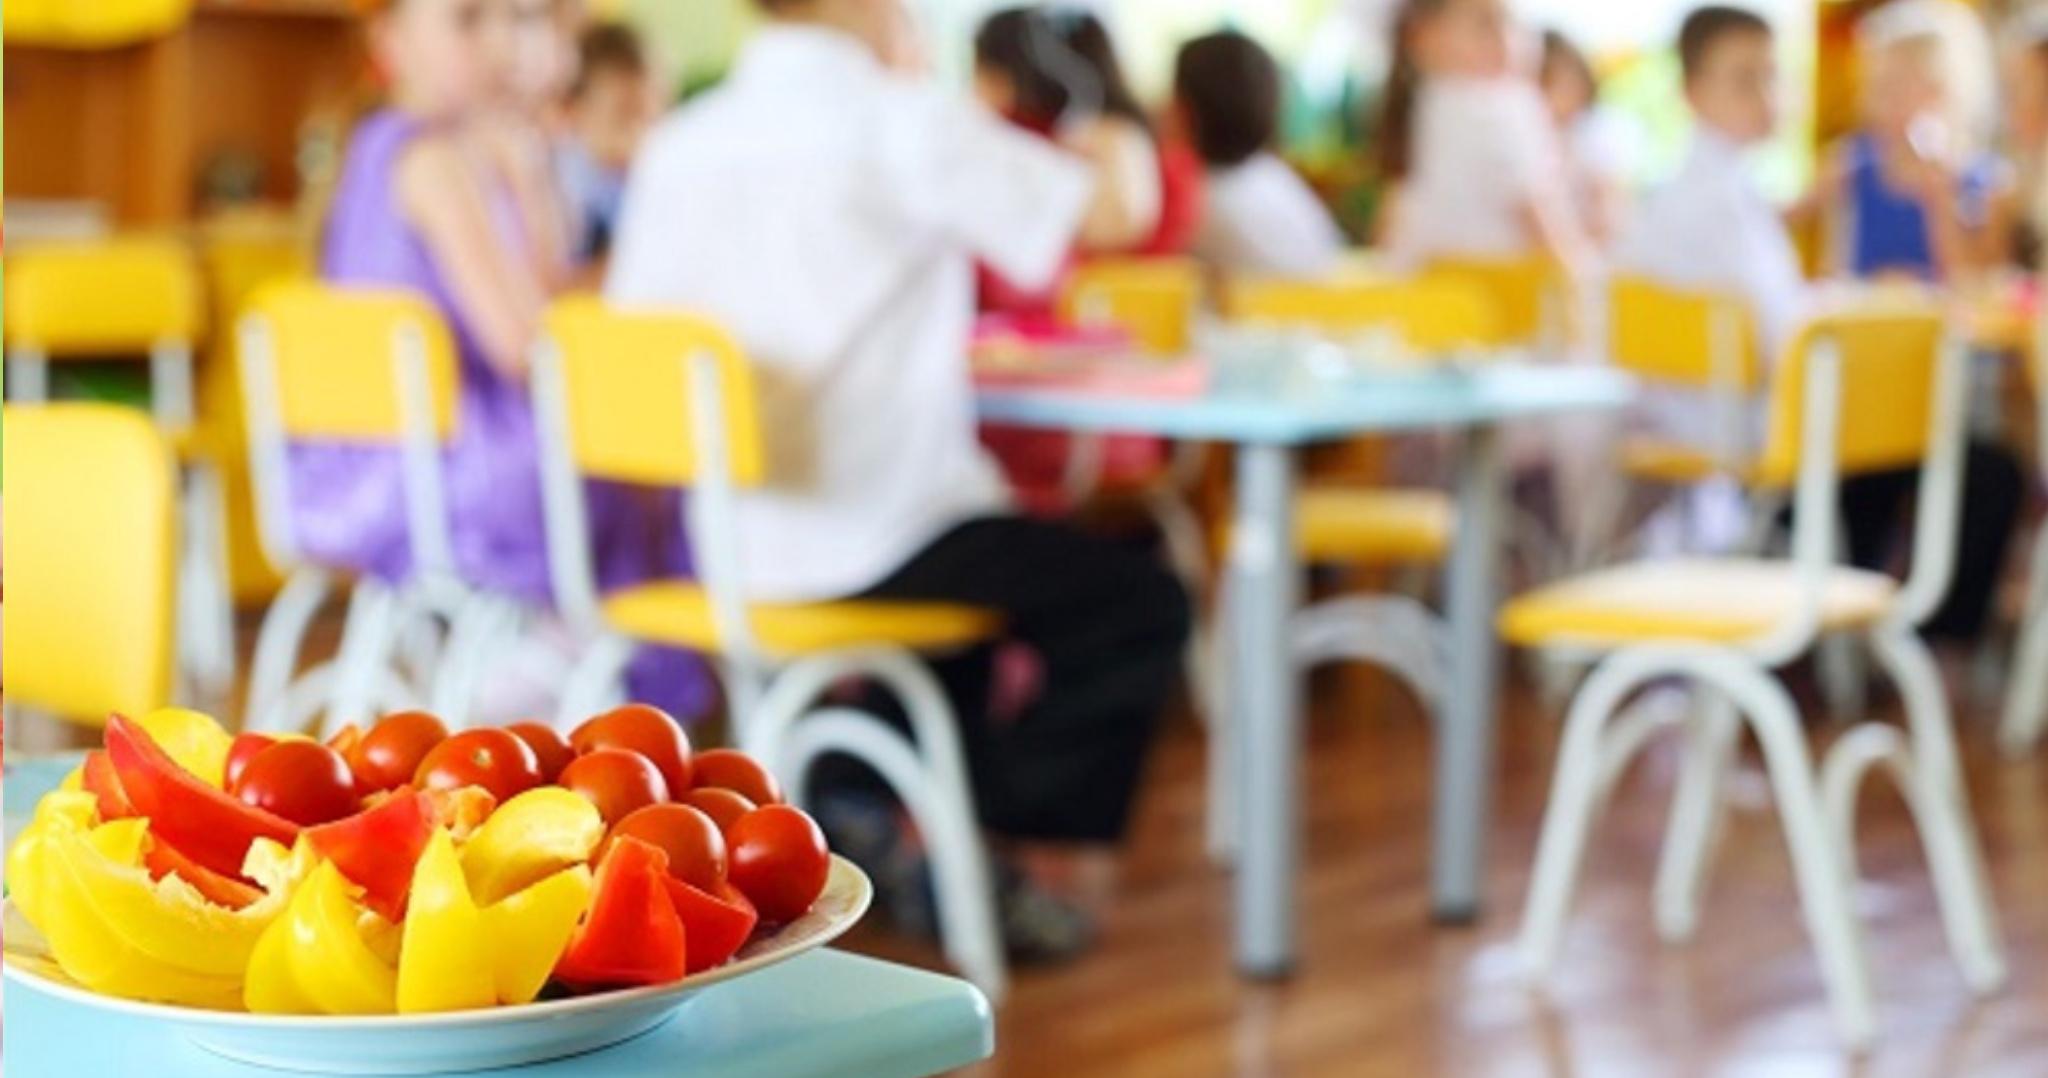 Rodičia, ktorí sú v hmotnej núdzi a uplatňujú si nárok na stravovanie pre svoje dieťa sa môžu hlásiť na OÚ2